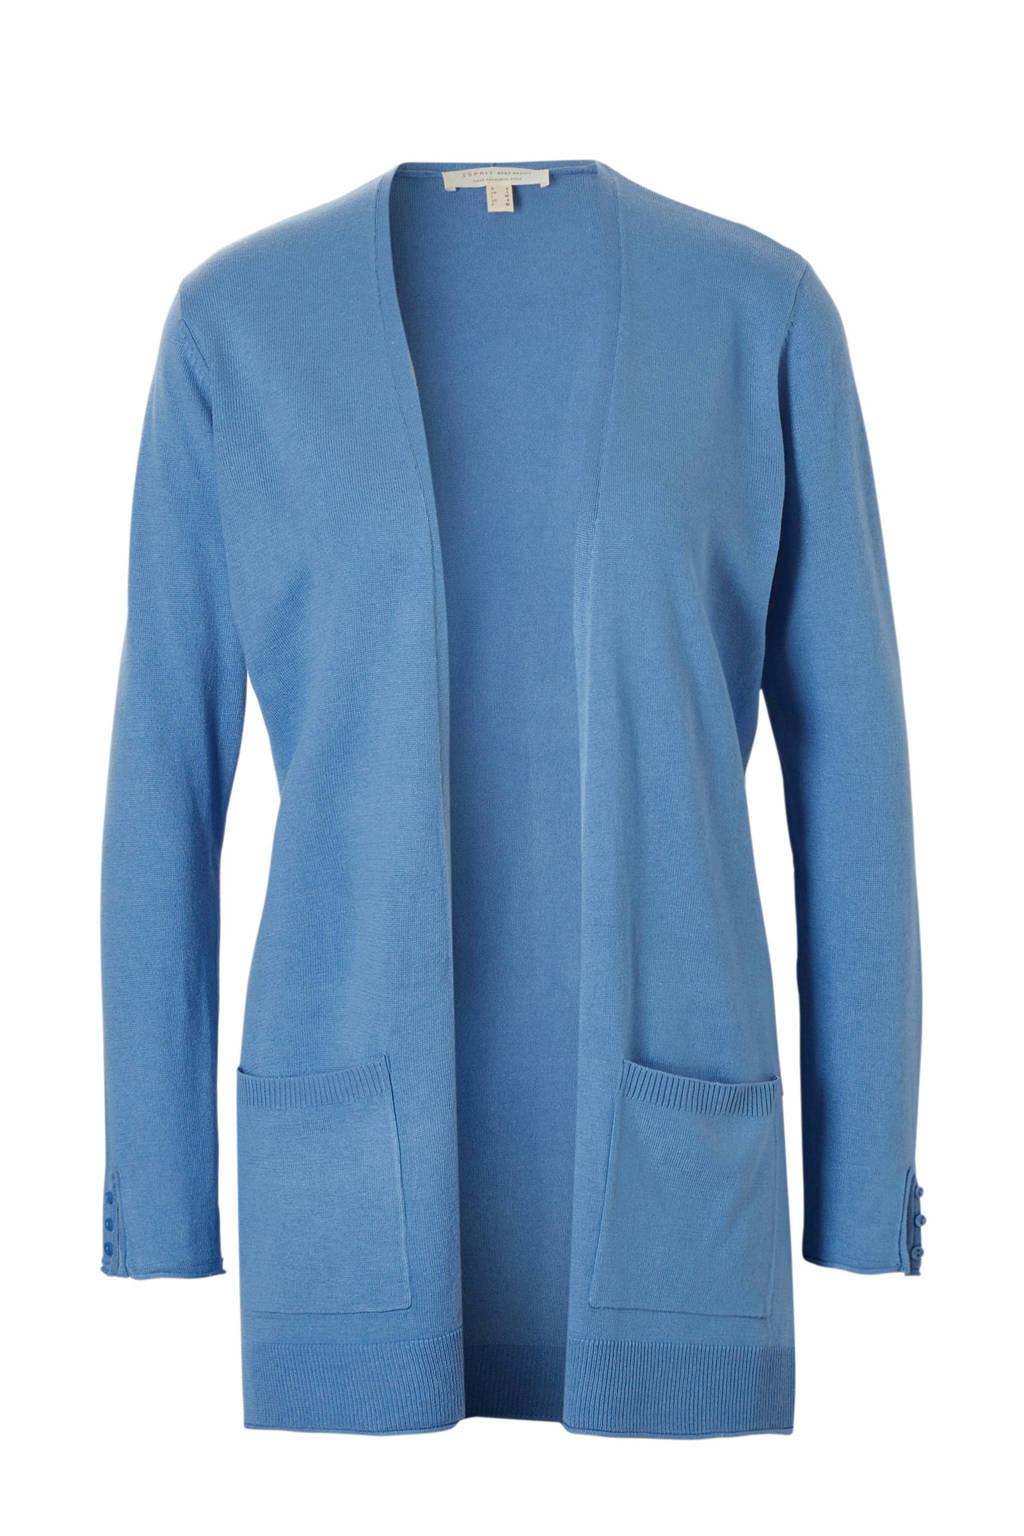 ESPRIT Women Casual vest met steekzakken, Blauw